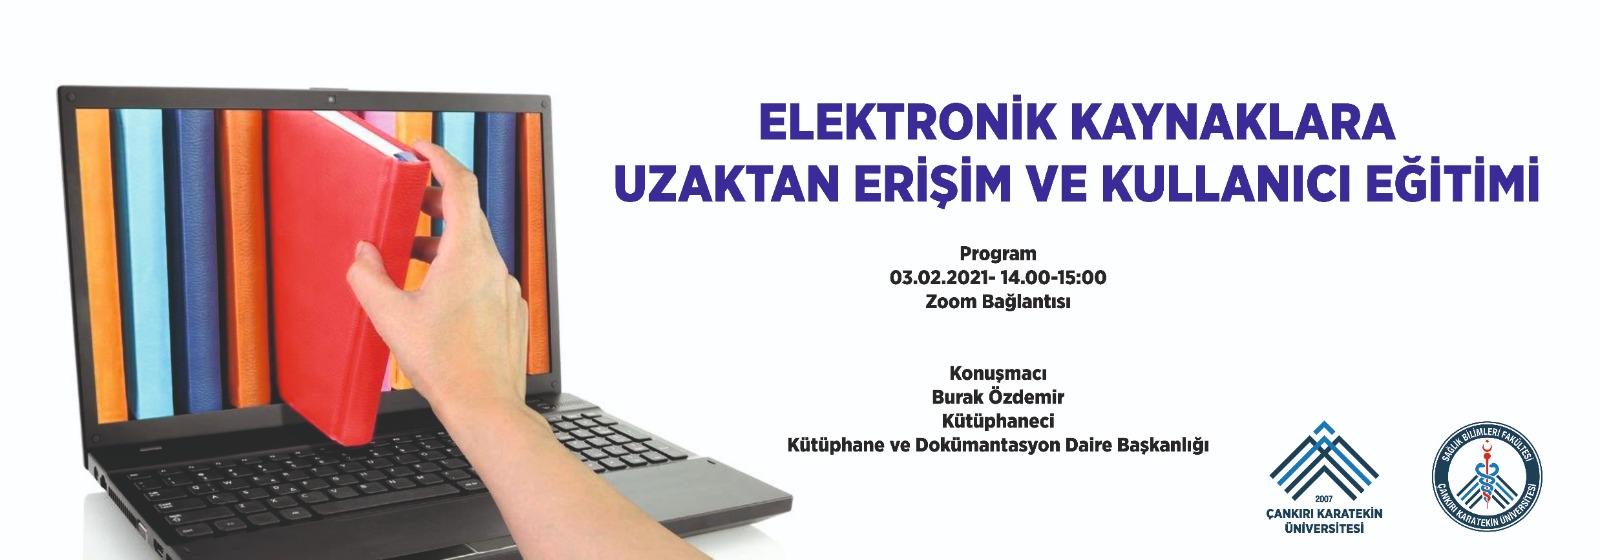 Elektronik kaynaklara Uzaktan Erişim ve Kullanıcı Eğitimi